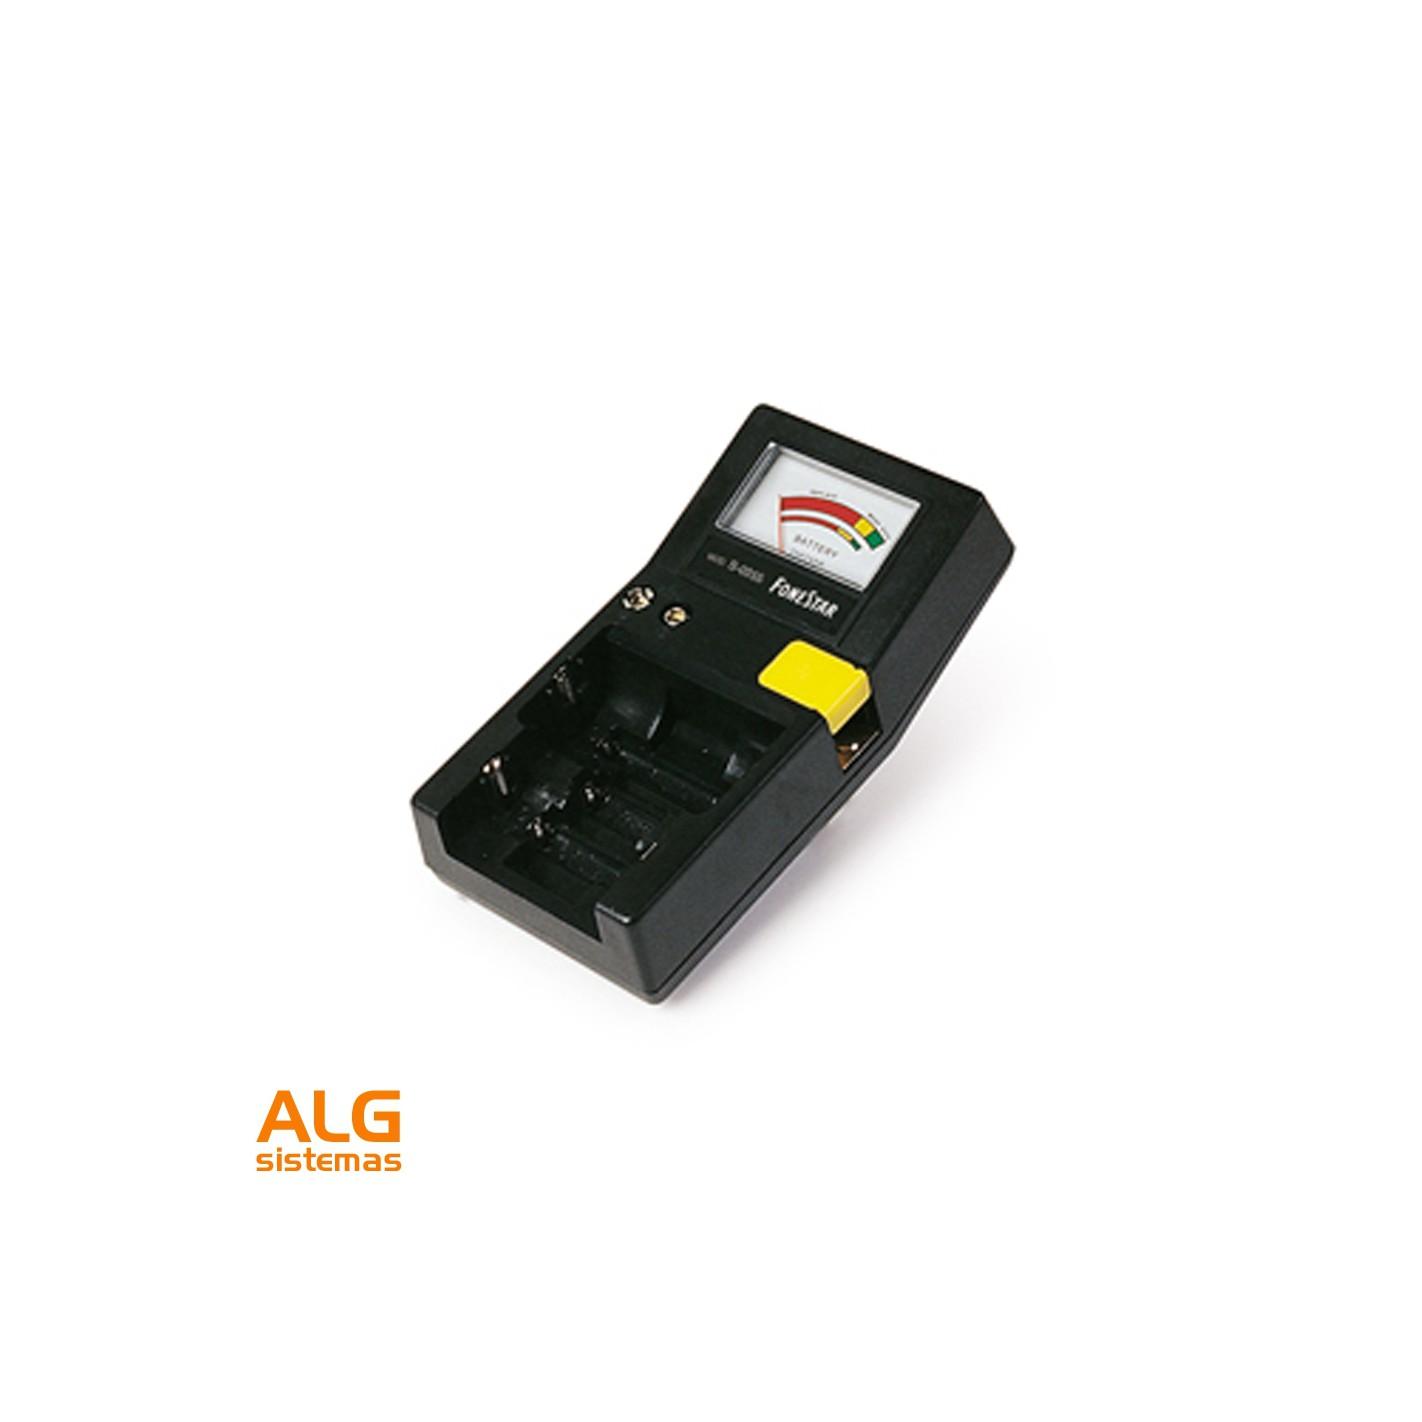 Comprobador de pilas varios tama os alg sistemas for Tamanos de pilas